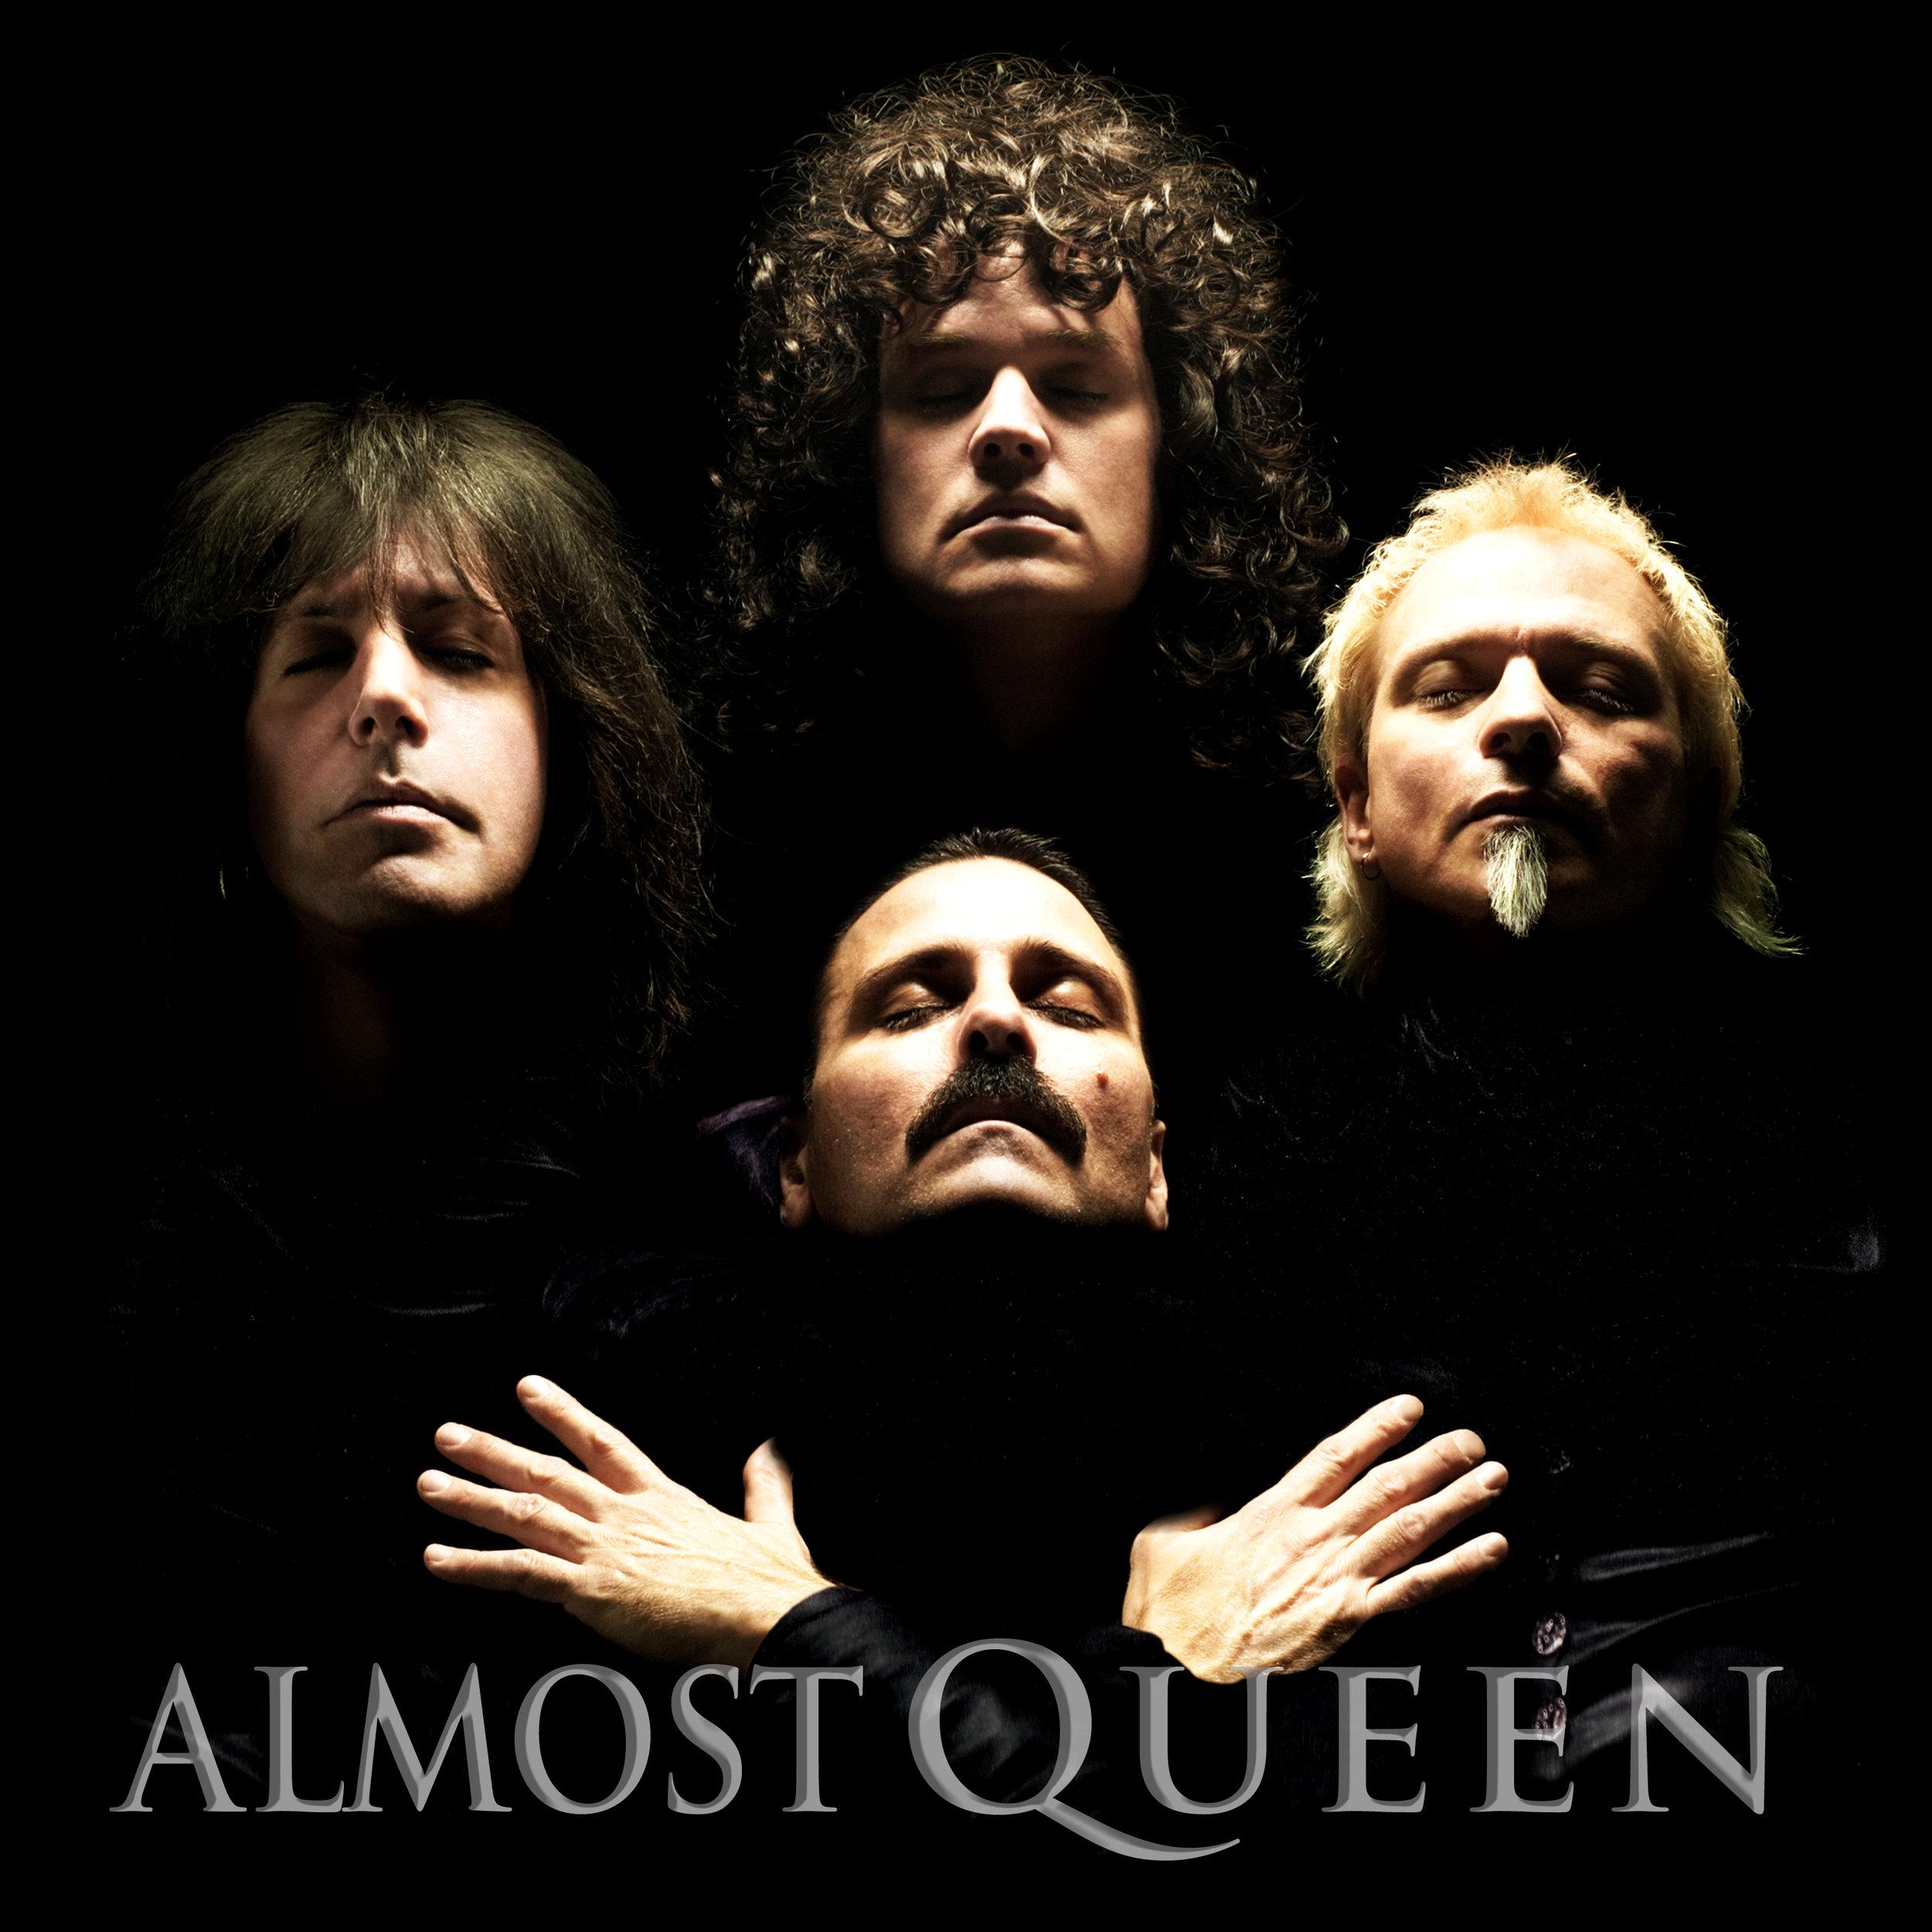 Almost_Queen-Queen_II_Album_Photo-hires.jpg